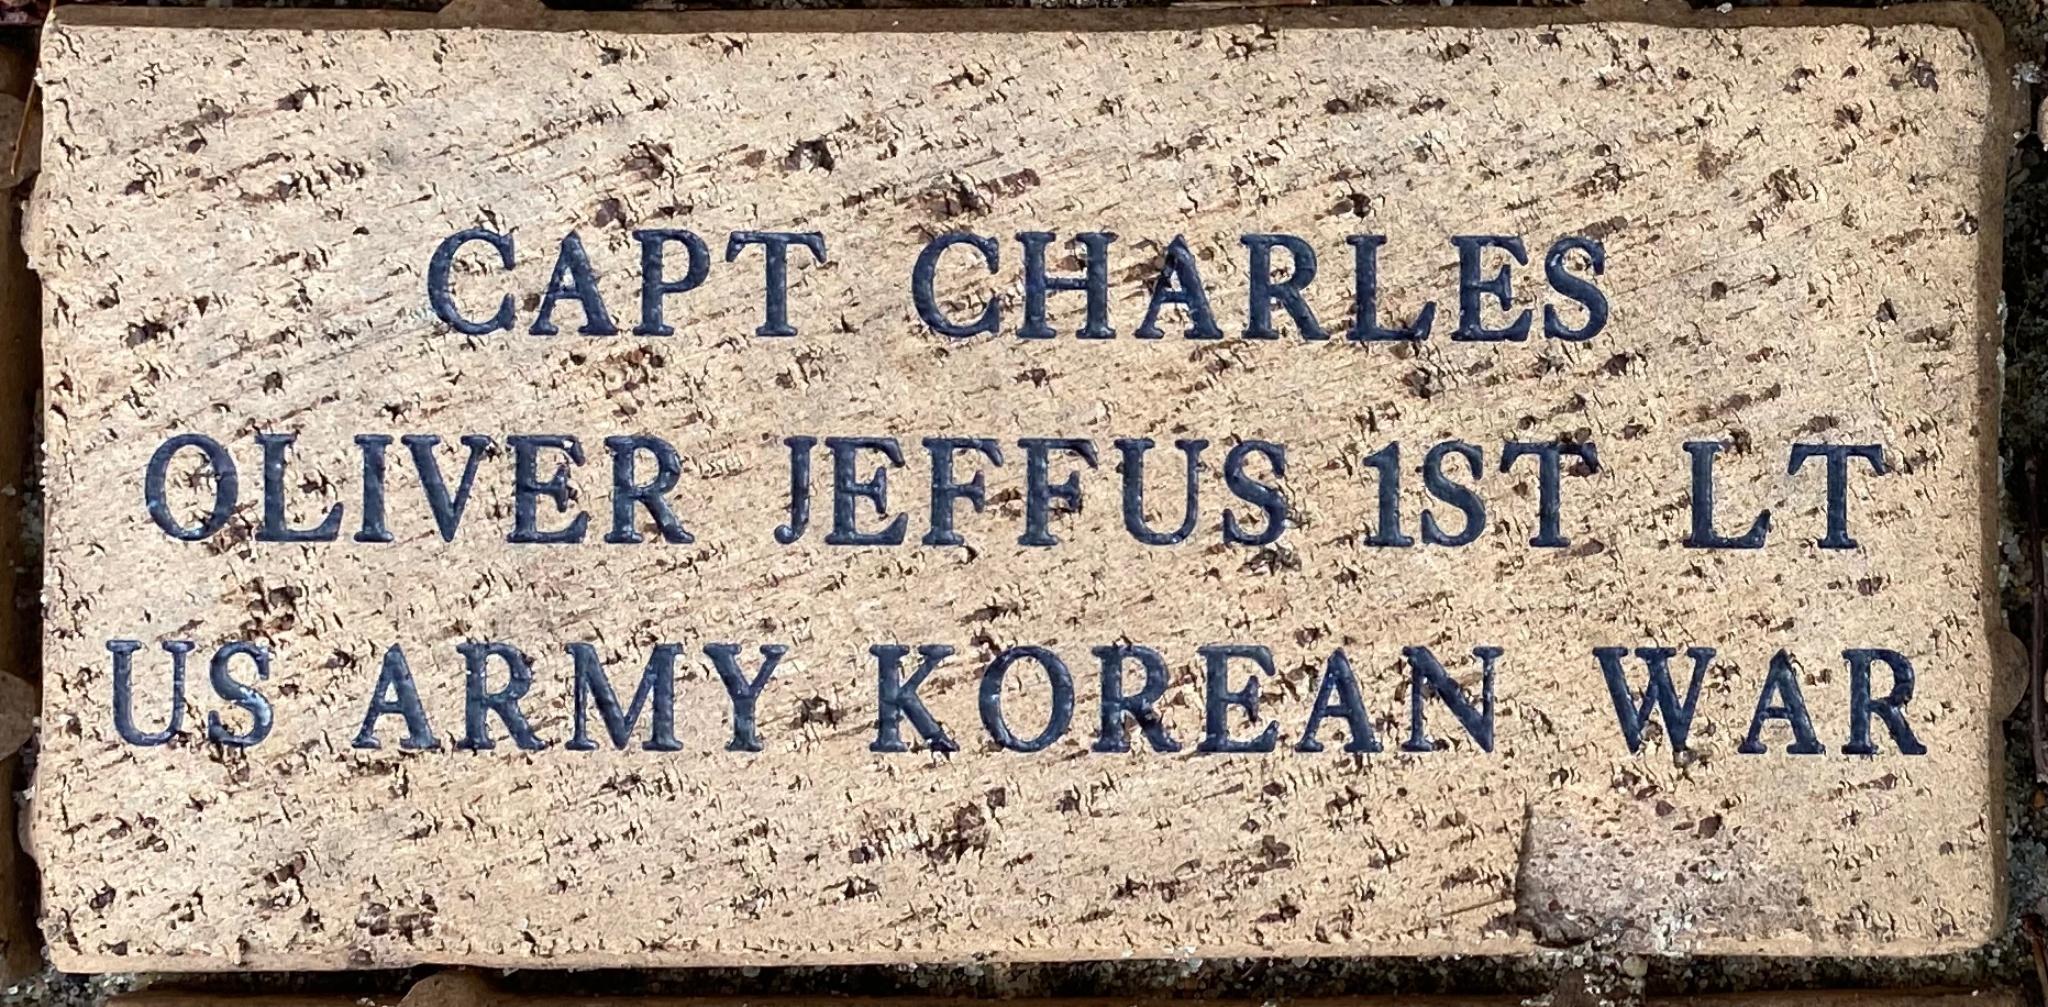 CAPT. CHARLES OLIVER JEFFUS 1ST LT US ARMY KOREAN WAR